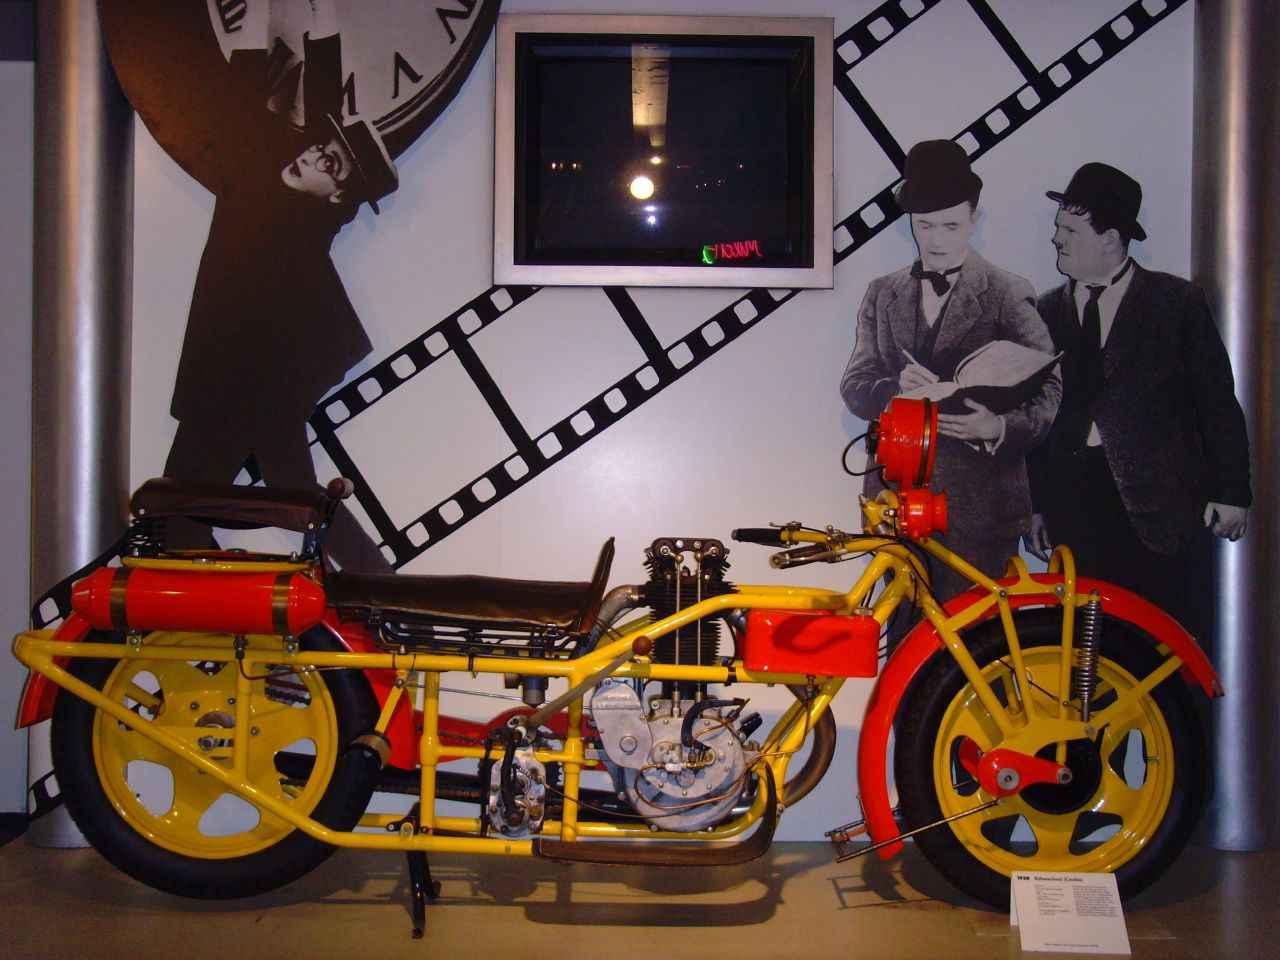 画像: ドイツのNSUネッカースウルム博物館所蔵のボーマーランド。こちらは3人乗りのトゥーレンです。そのほか2人乗りのスポーツも用意されていました。 commons.wikimedia.org